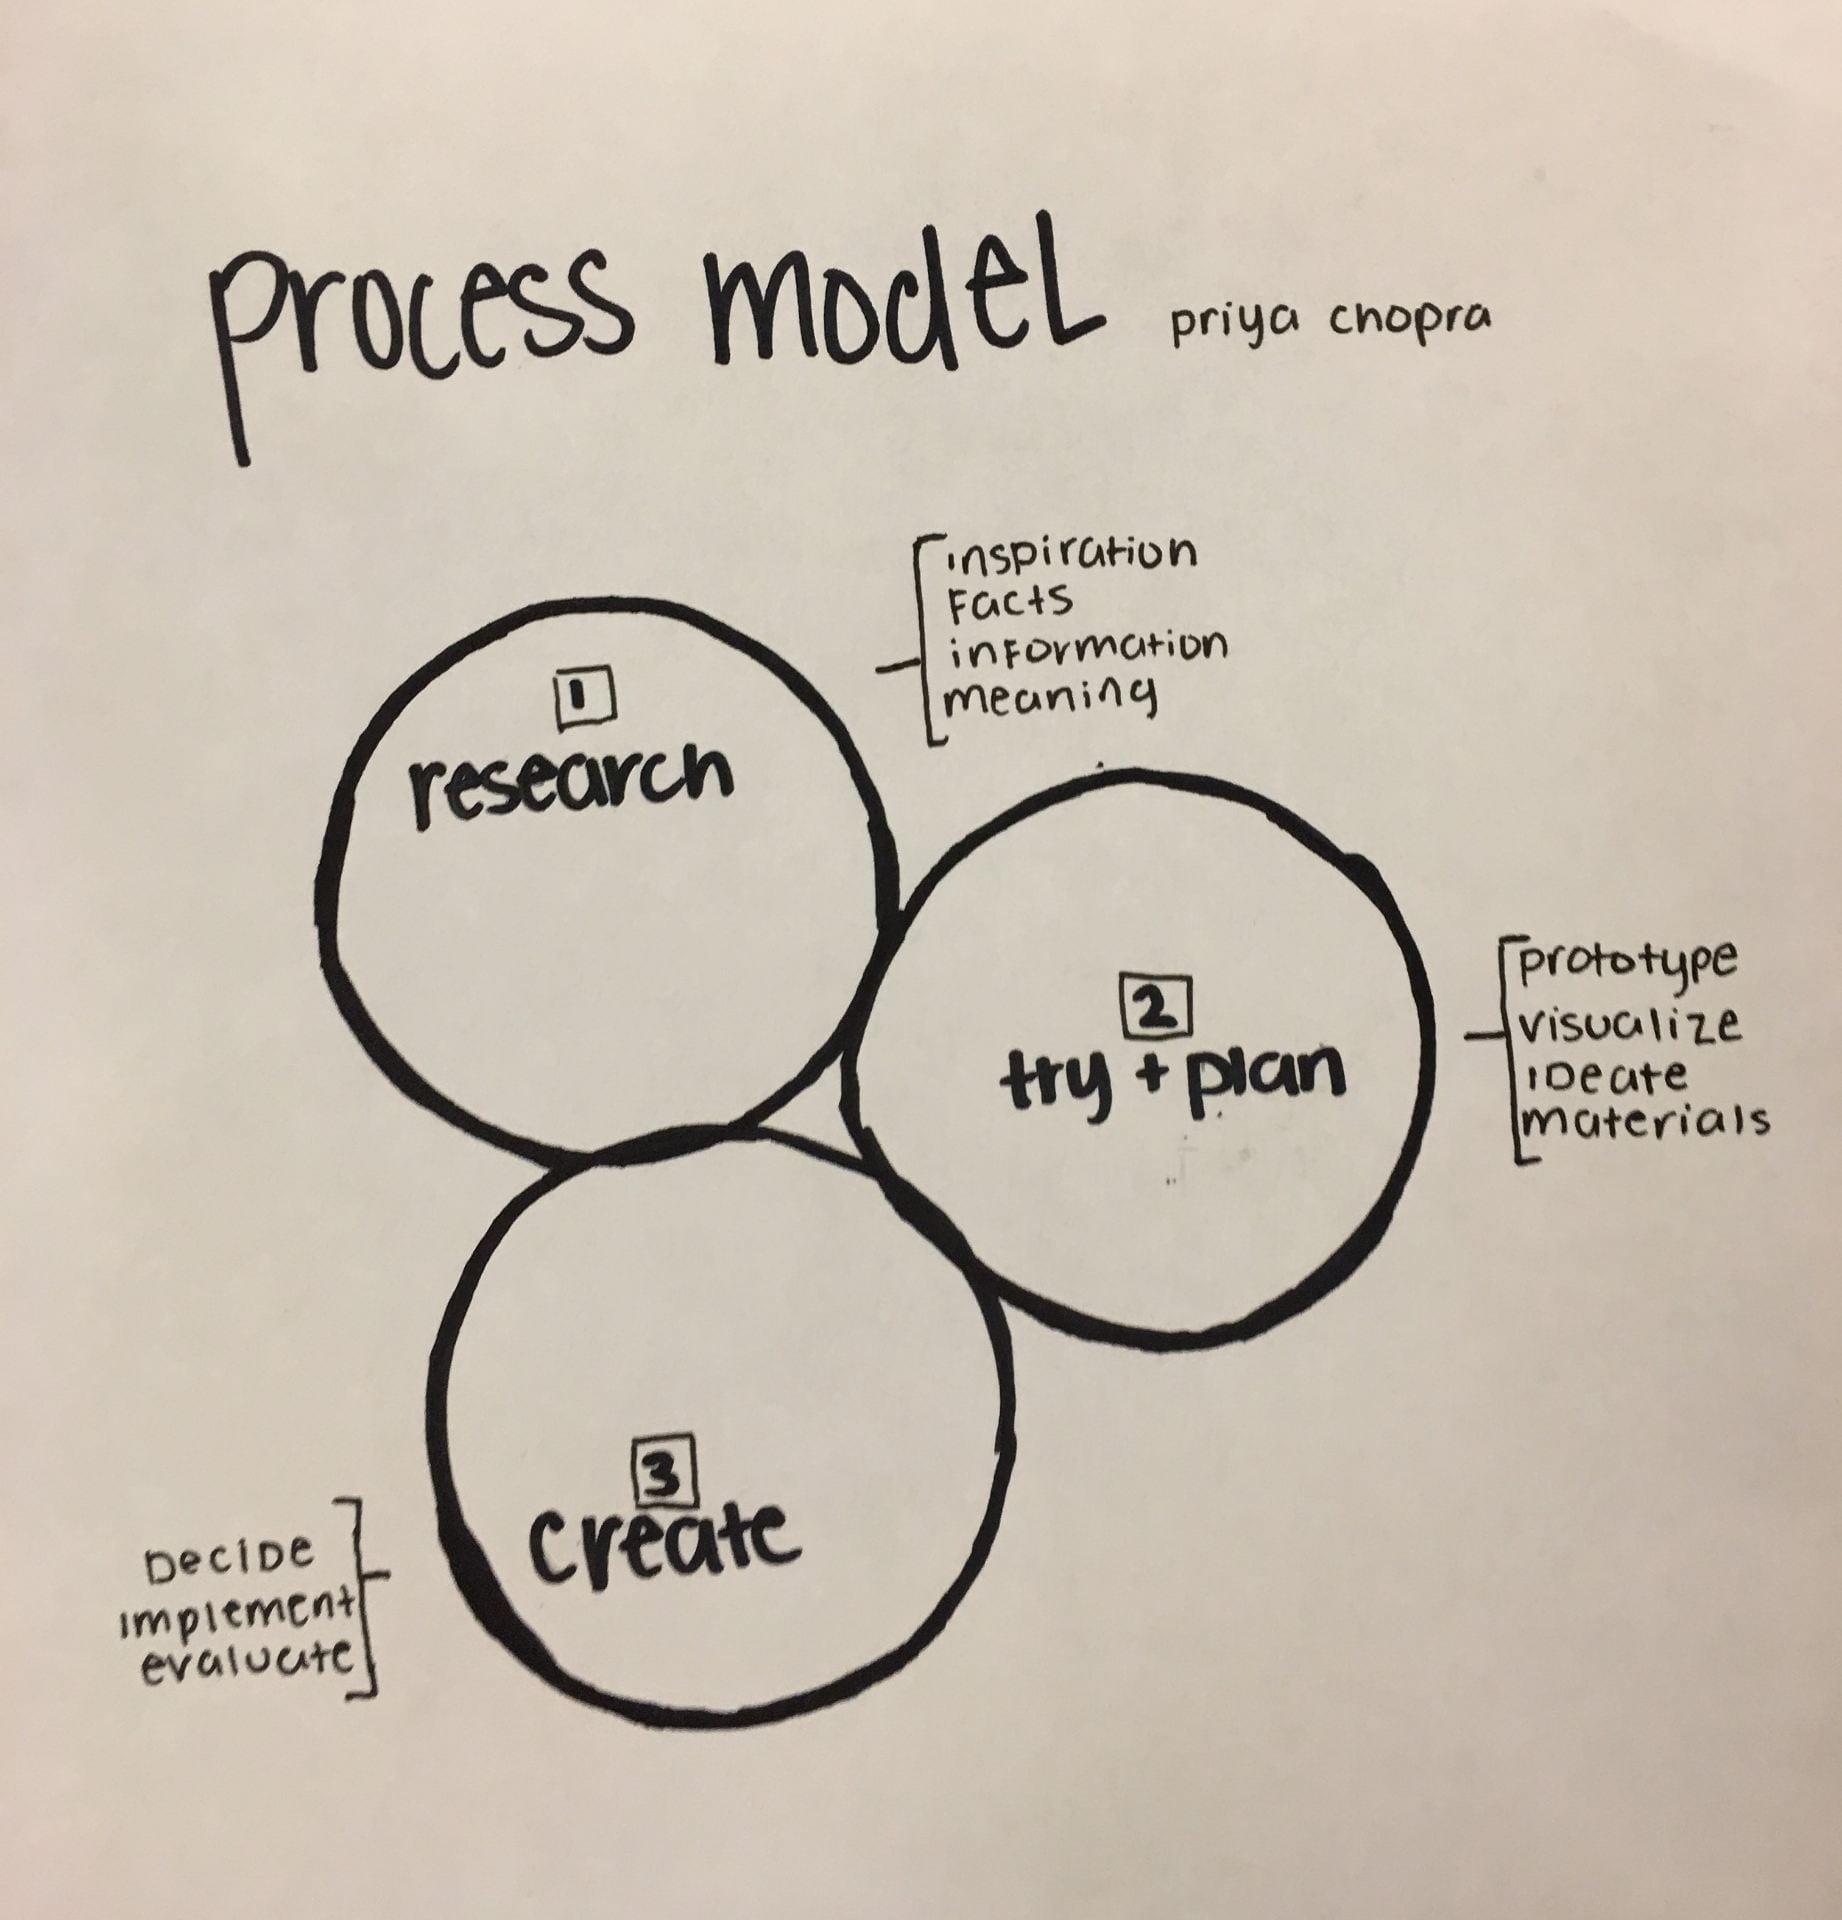 Bridge 4 Reflection and Process Model – May 2019